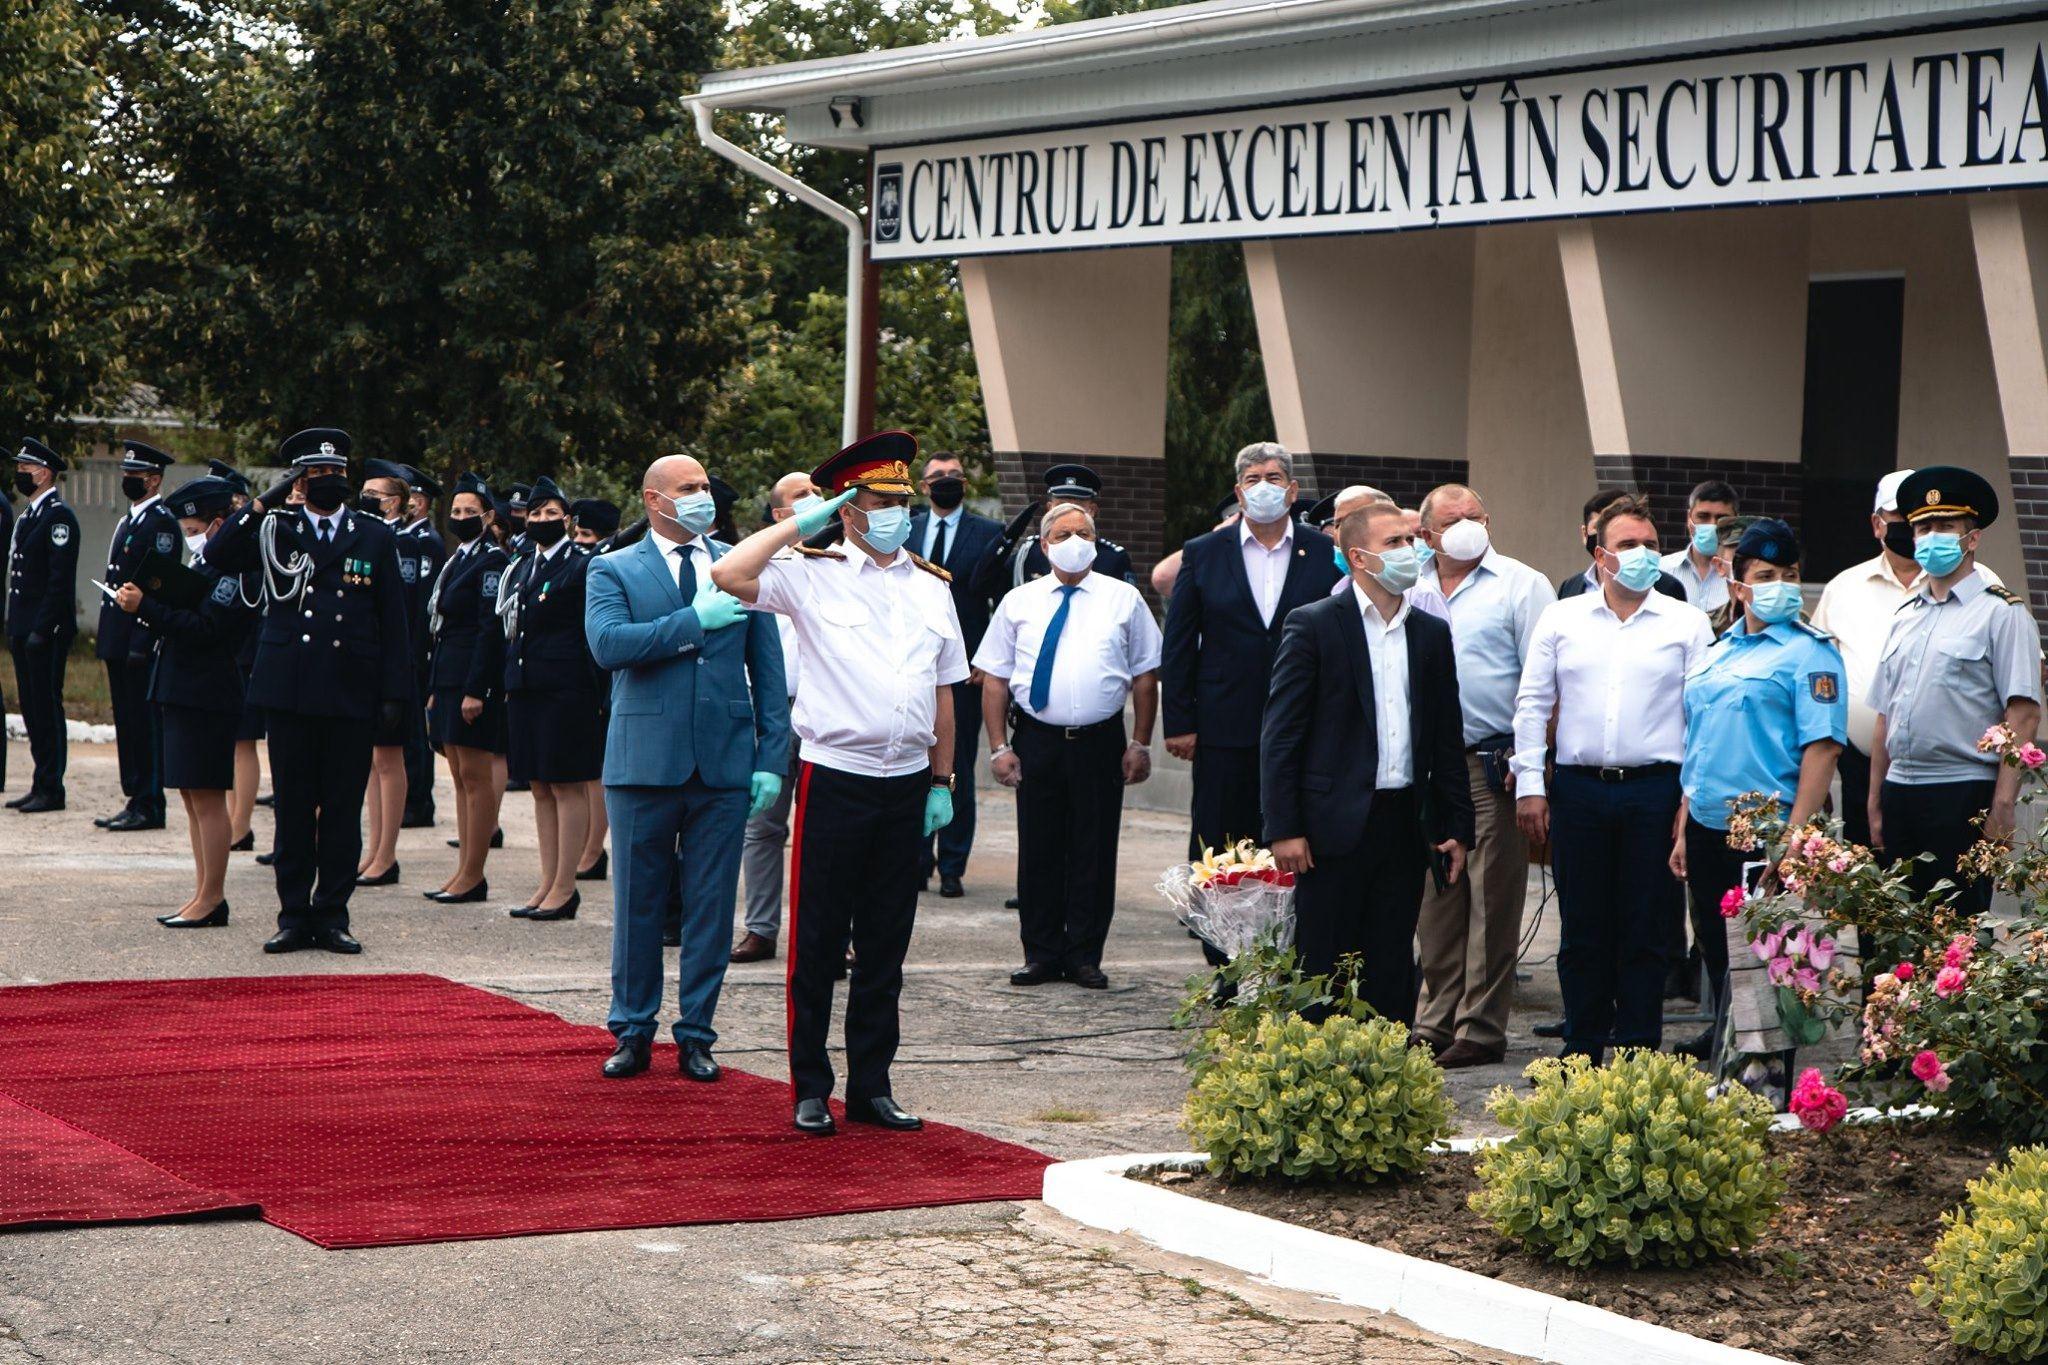 Foto: Centrul de Excelență în Securitatea Frontierei